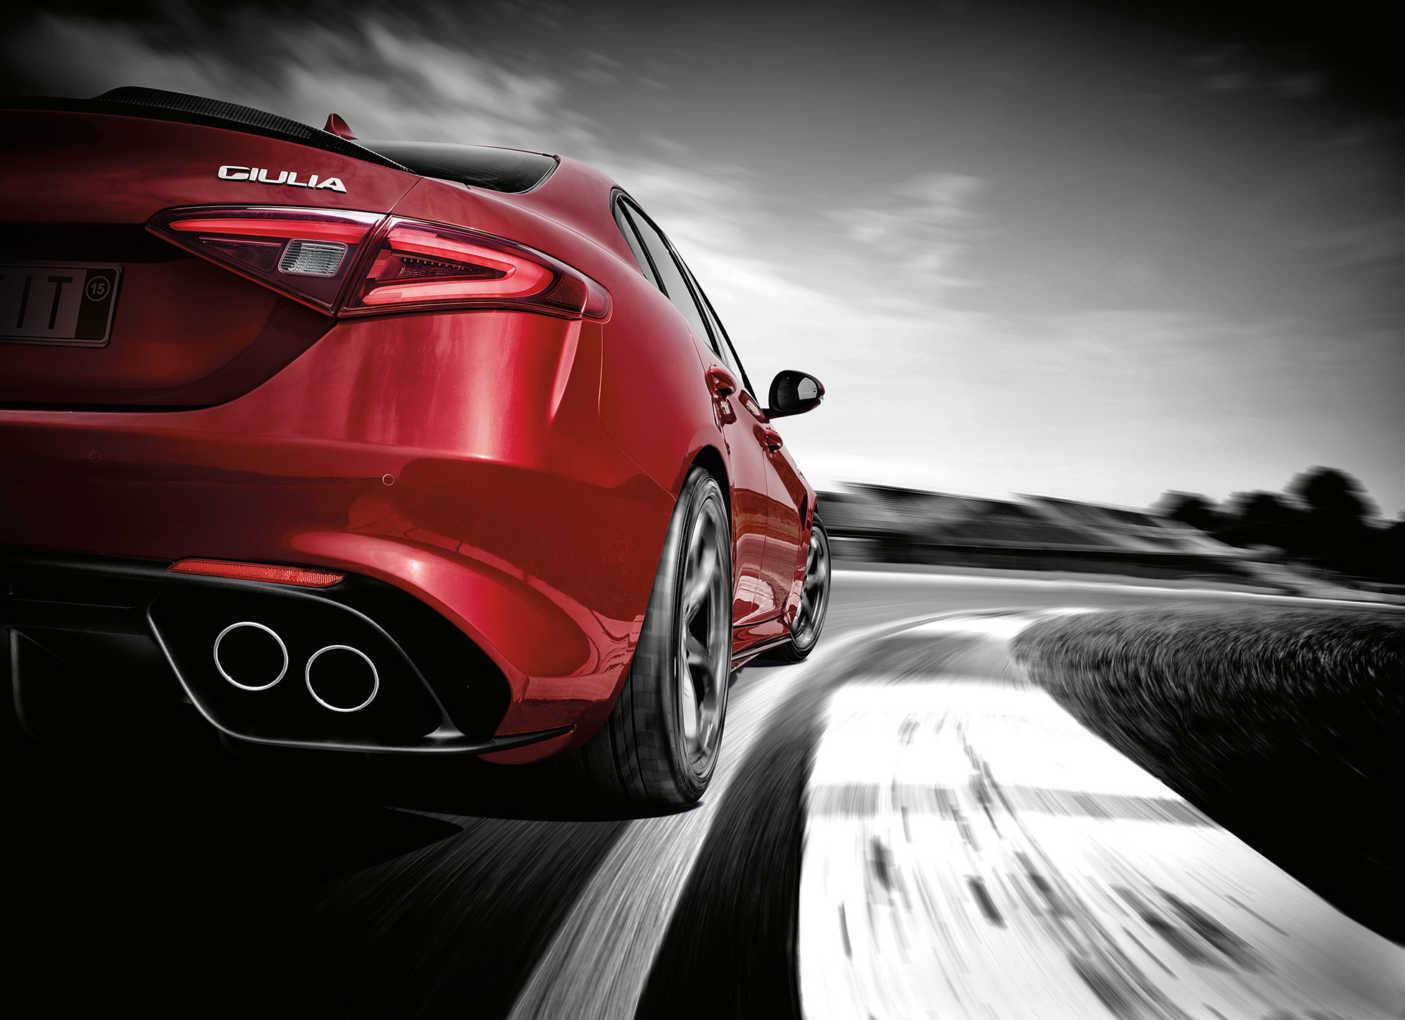 Alfa Romeo Giulia rear quarter